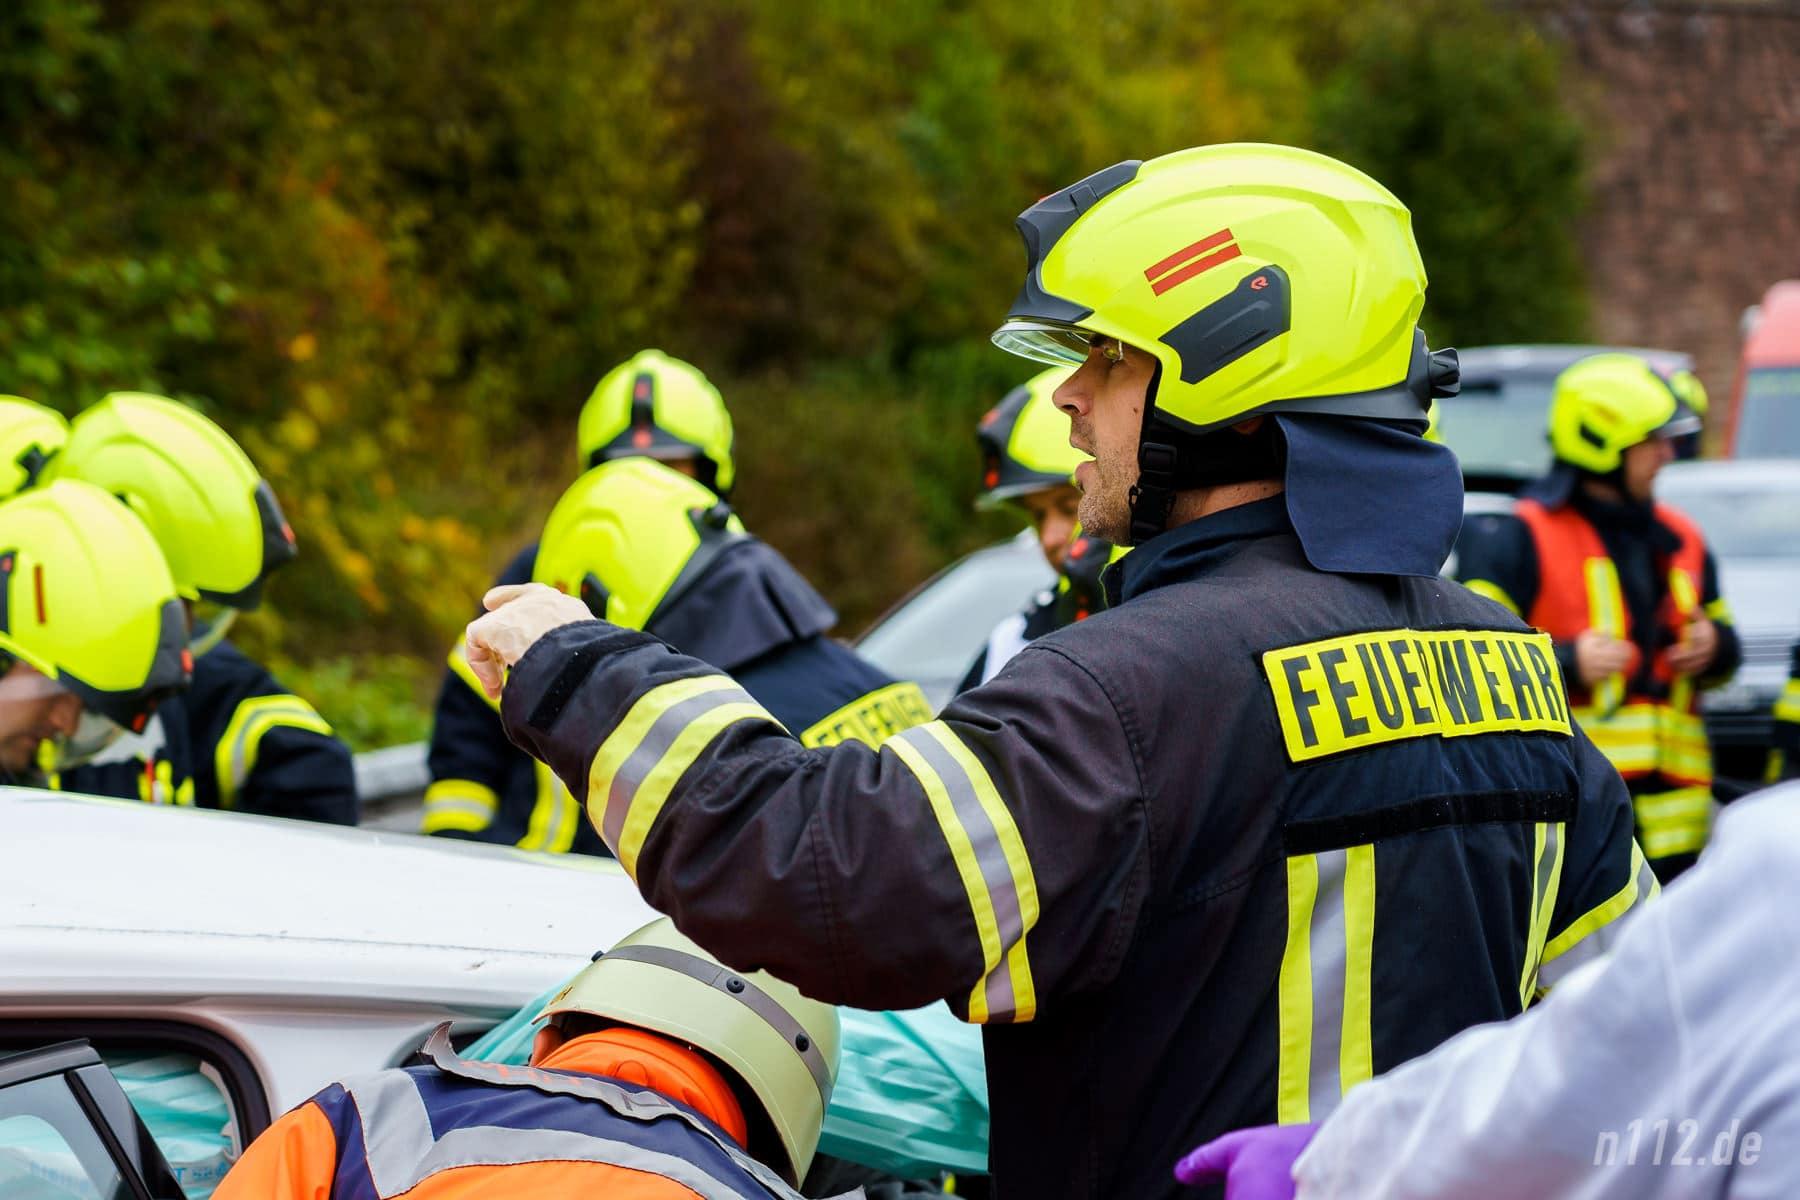 Einer koordiniert, andere helfen auf Zuruf (Foto: n112.de/Stefan Simonsen)